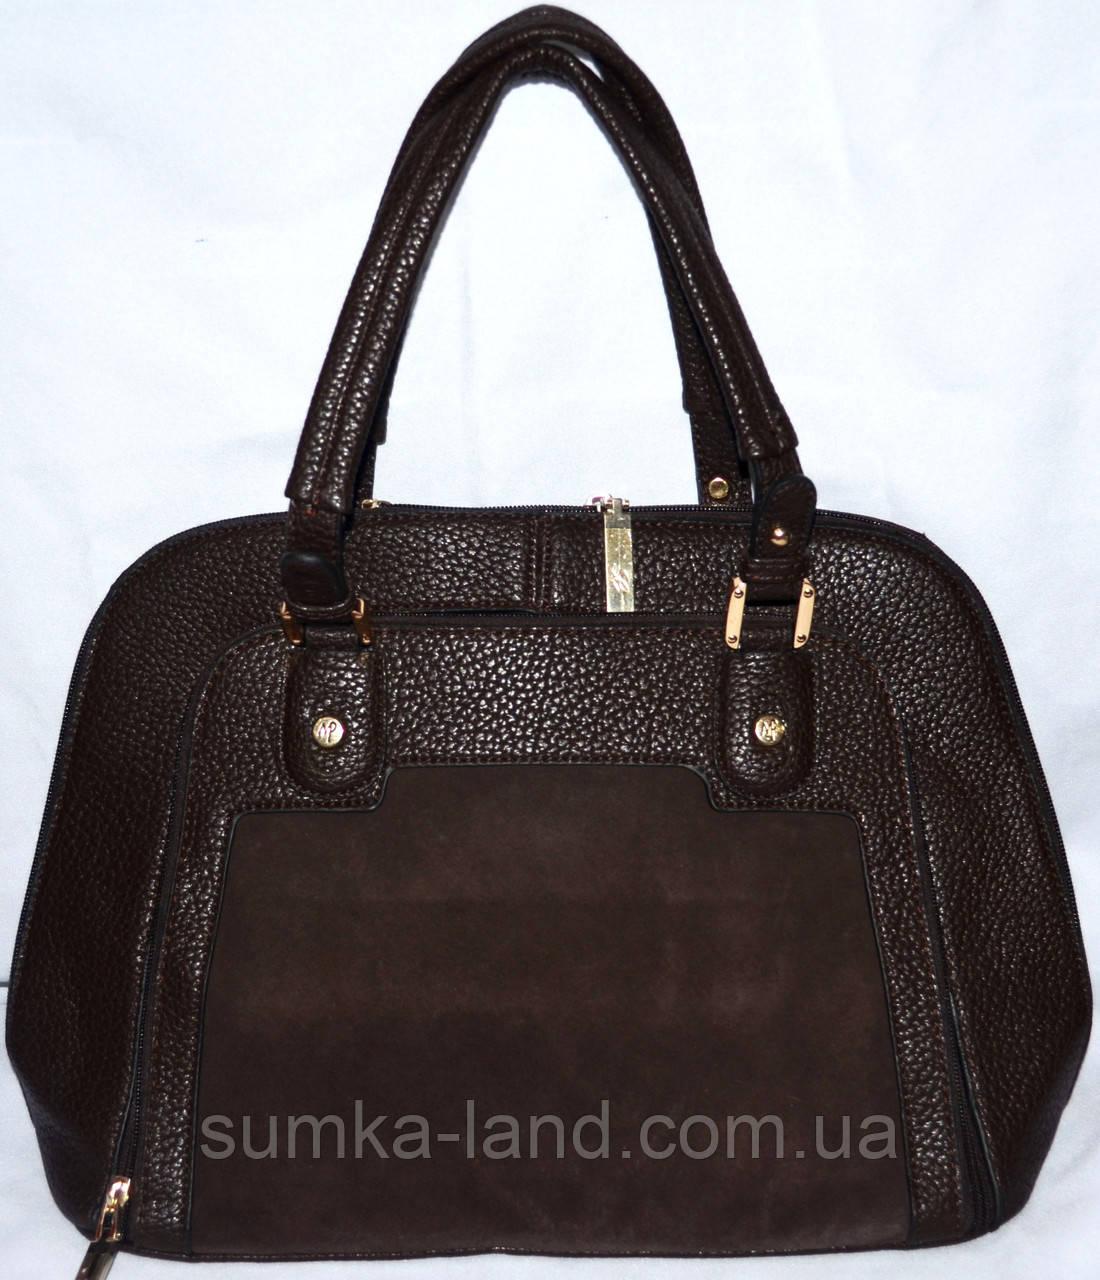 Женские сумки (КОРИЧНЕВЫЙ)